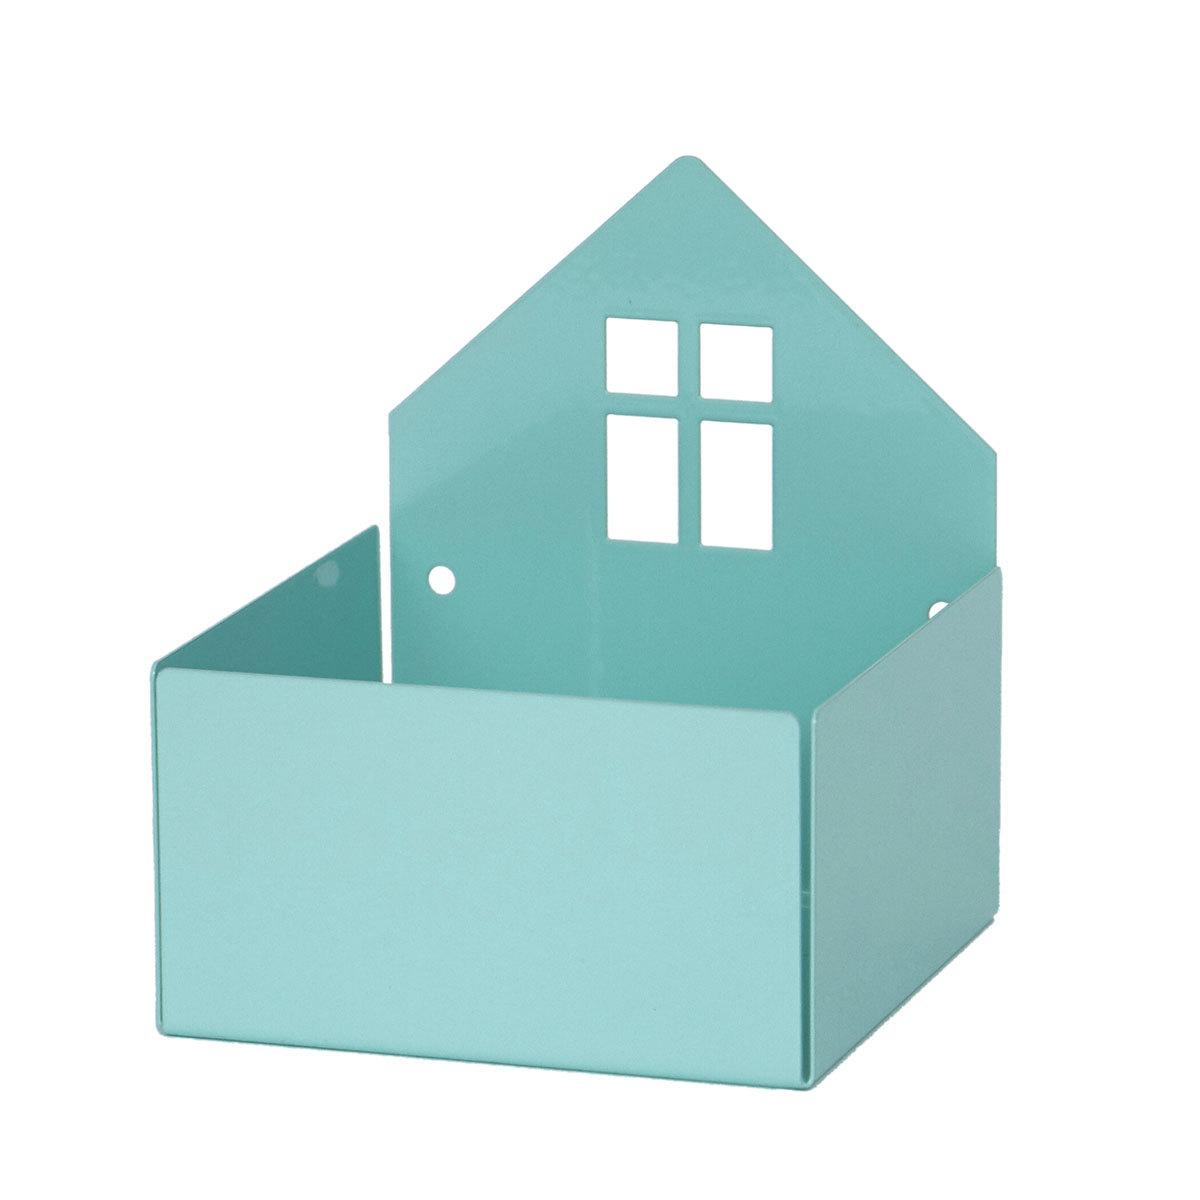 Étagère Etagère Maison Solo - Bleu